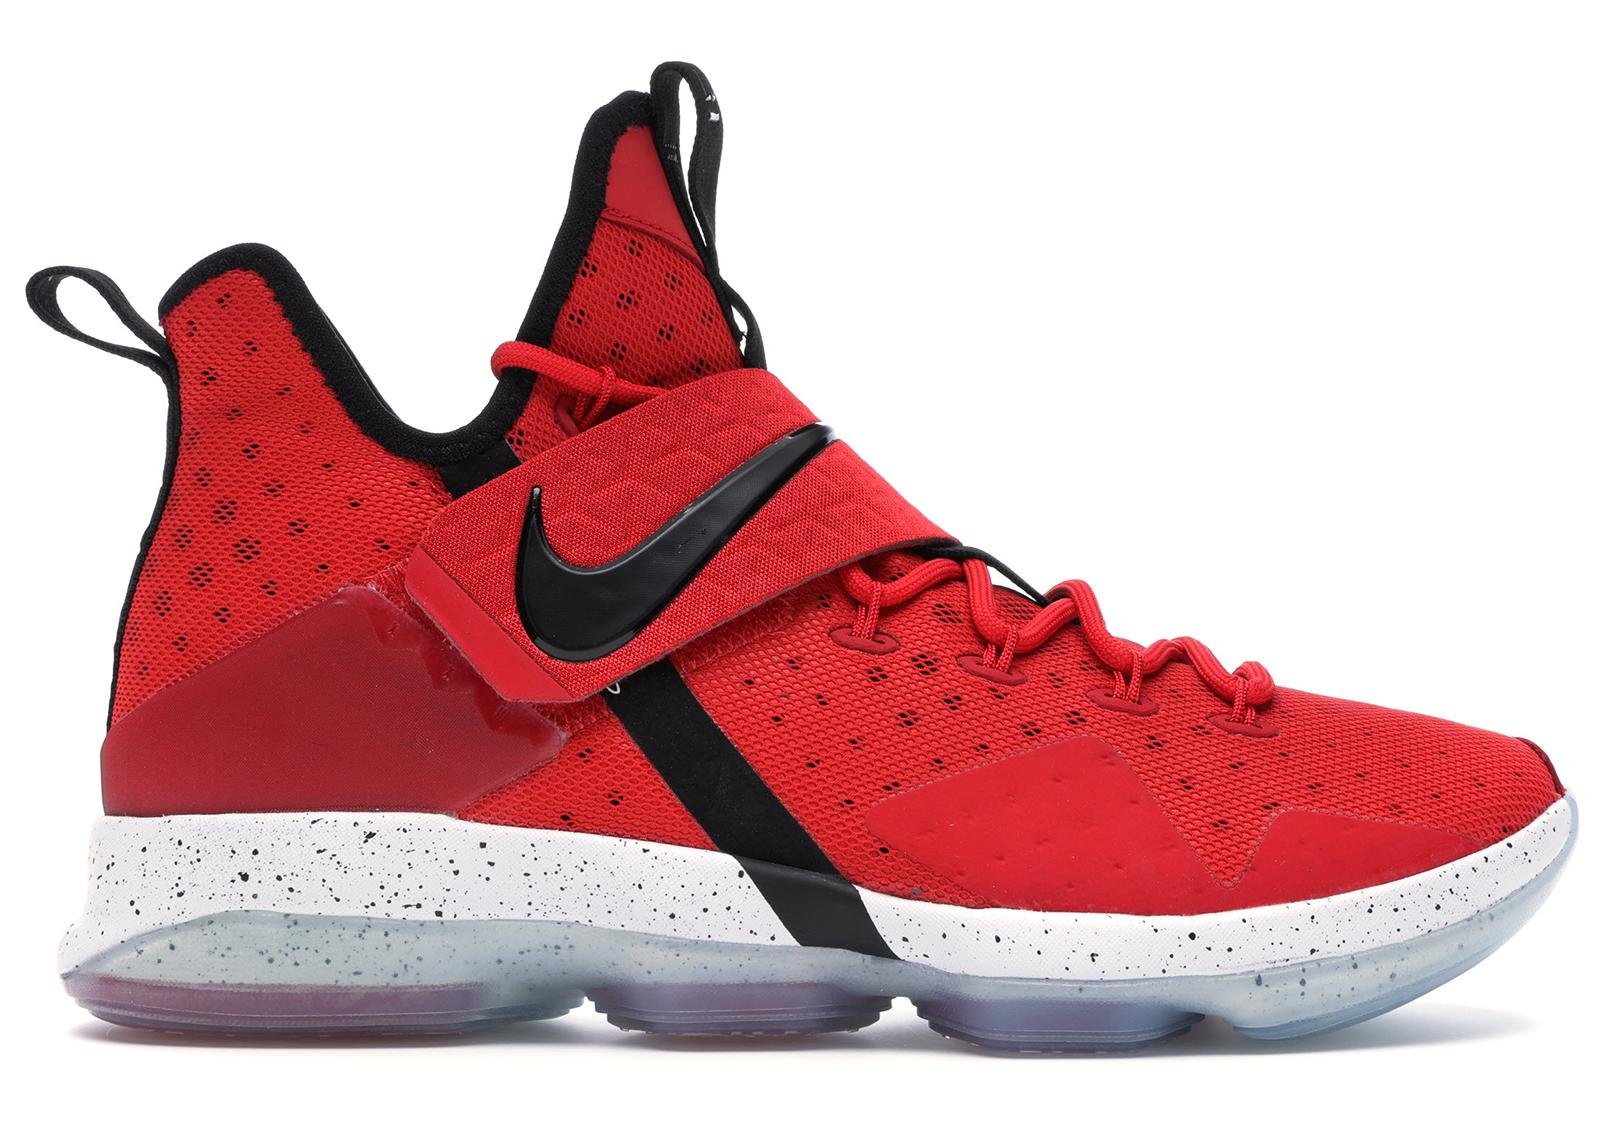 Nike LeBron 14 University Red - 852405-600